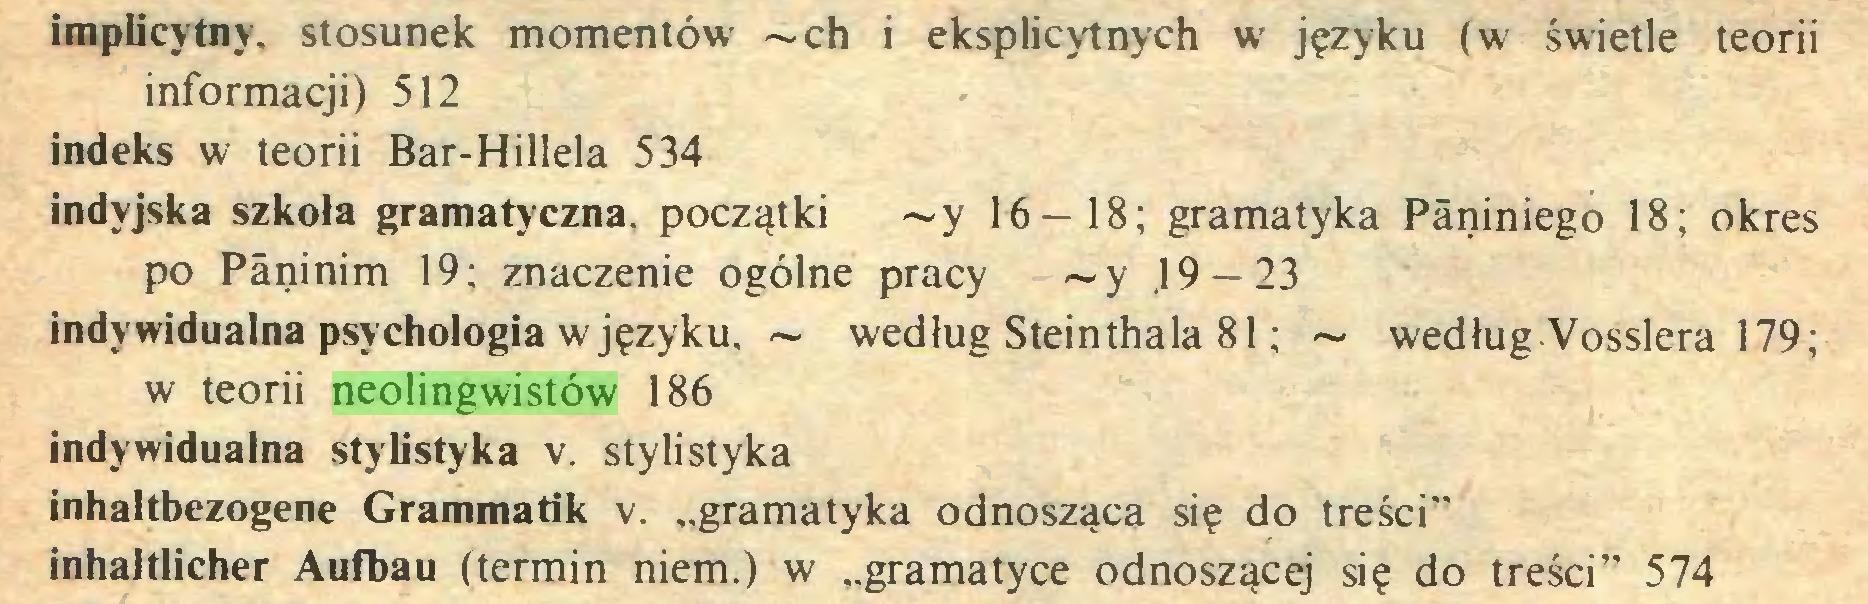 """(...) implicytny. stosunek momentów ~ch i eksplicytnych w języku (w świetle teorii informacji) 512 indeks w teorii Bar-Hillela 534 indyjska szkoła gramatyczna, początki ~y 16-18; gramatyka Päniniego 18; okres po Päninim 19; znaczenie ogólne pracy ~y .19 — 23 indywidualna psychologia w języku. ~ według Steinthala 81; ~ według Vosslera 179; w teorii neolingwistów 186 indywidualna stylistyka v. stylistyka inhaltbezogene Grammatik v. """"gramatyka odnosząca się do treści"""" inhaltlicher Aufbau (termin niem.) w """"gramatyce odnoszącej się do treści"""" 574..."""